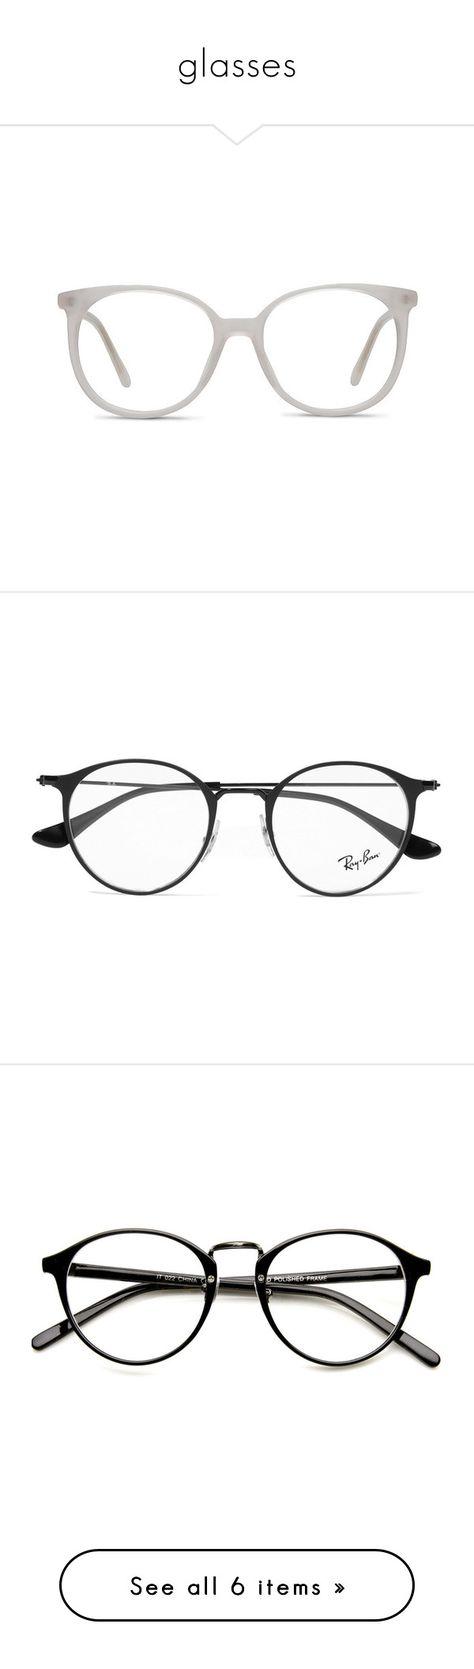 385 besten eyewear Bilder auf Pinterest | Brillen, Brille und Herrenmode